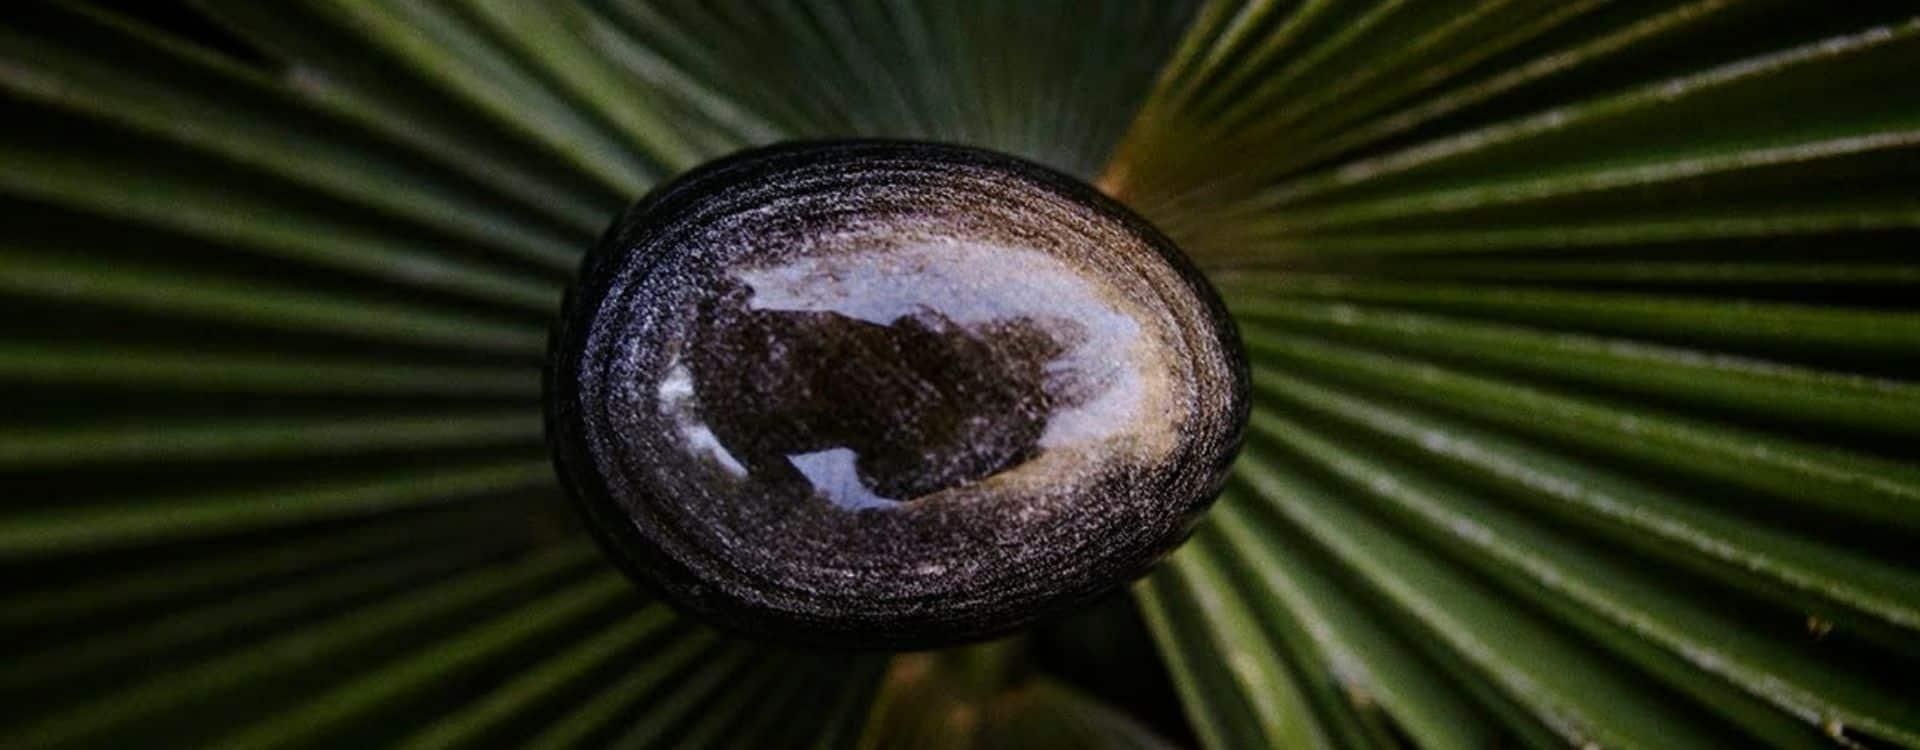 Piedra y palmera